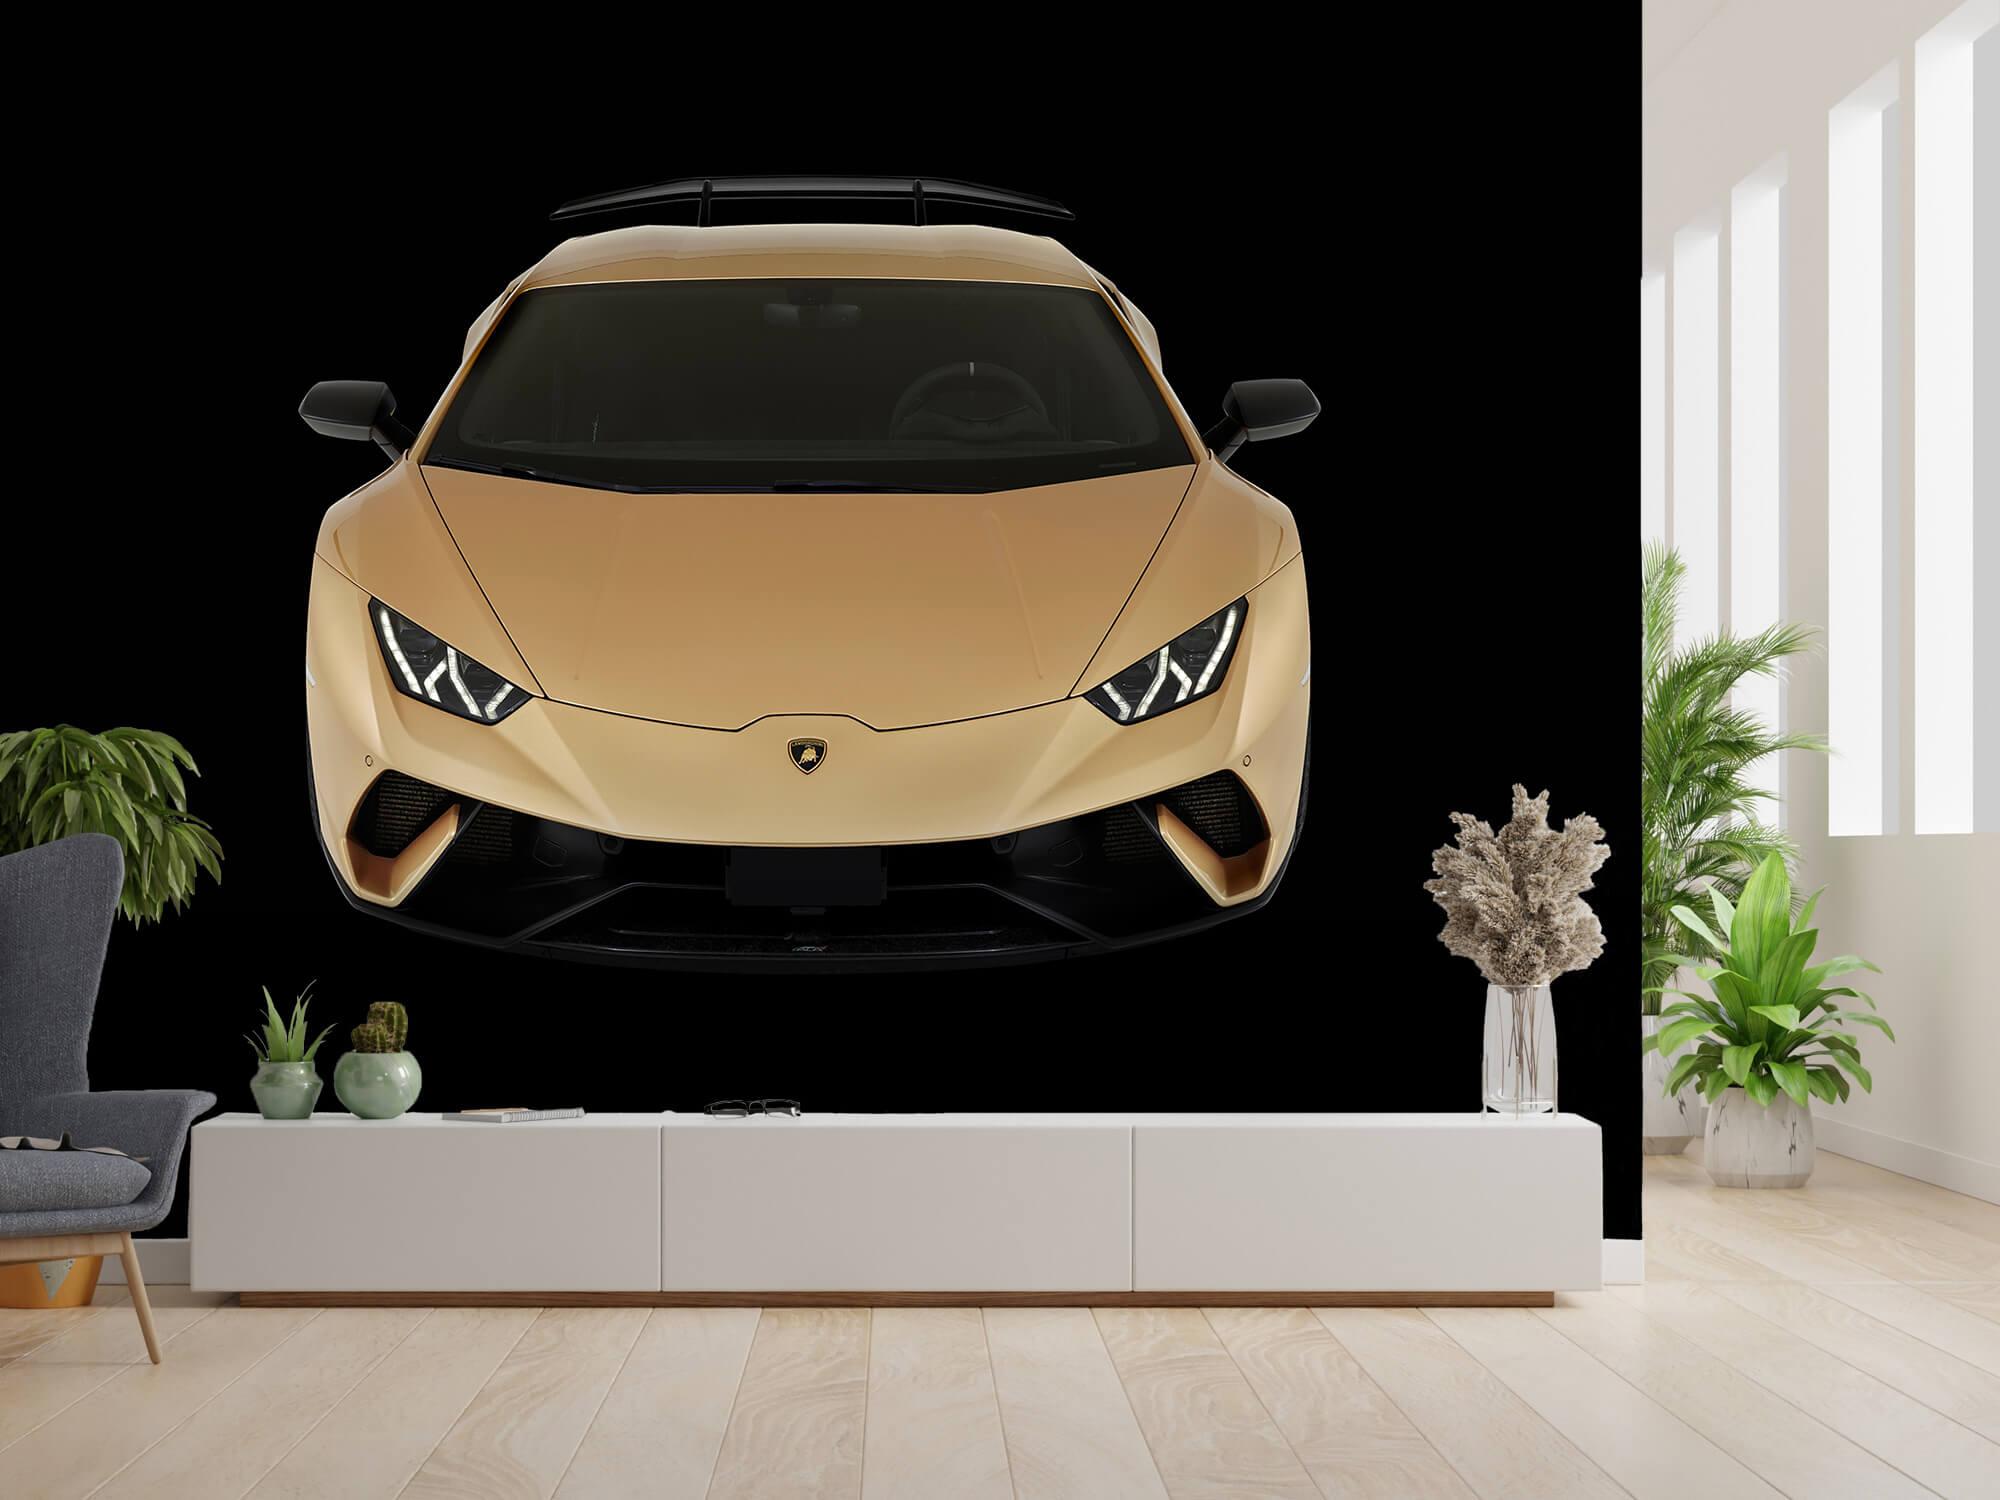 Wallpaper Lamborghini Huracán - Voorkant vanaf boven, zwart 14